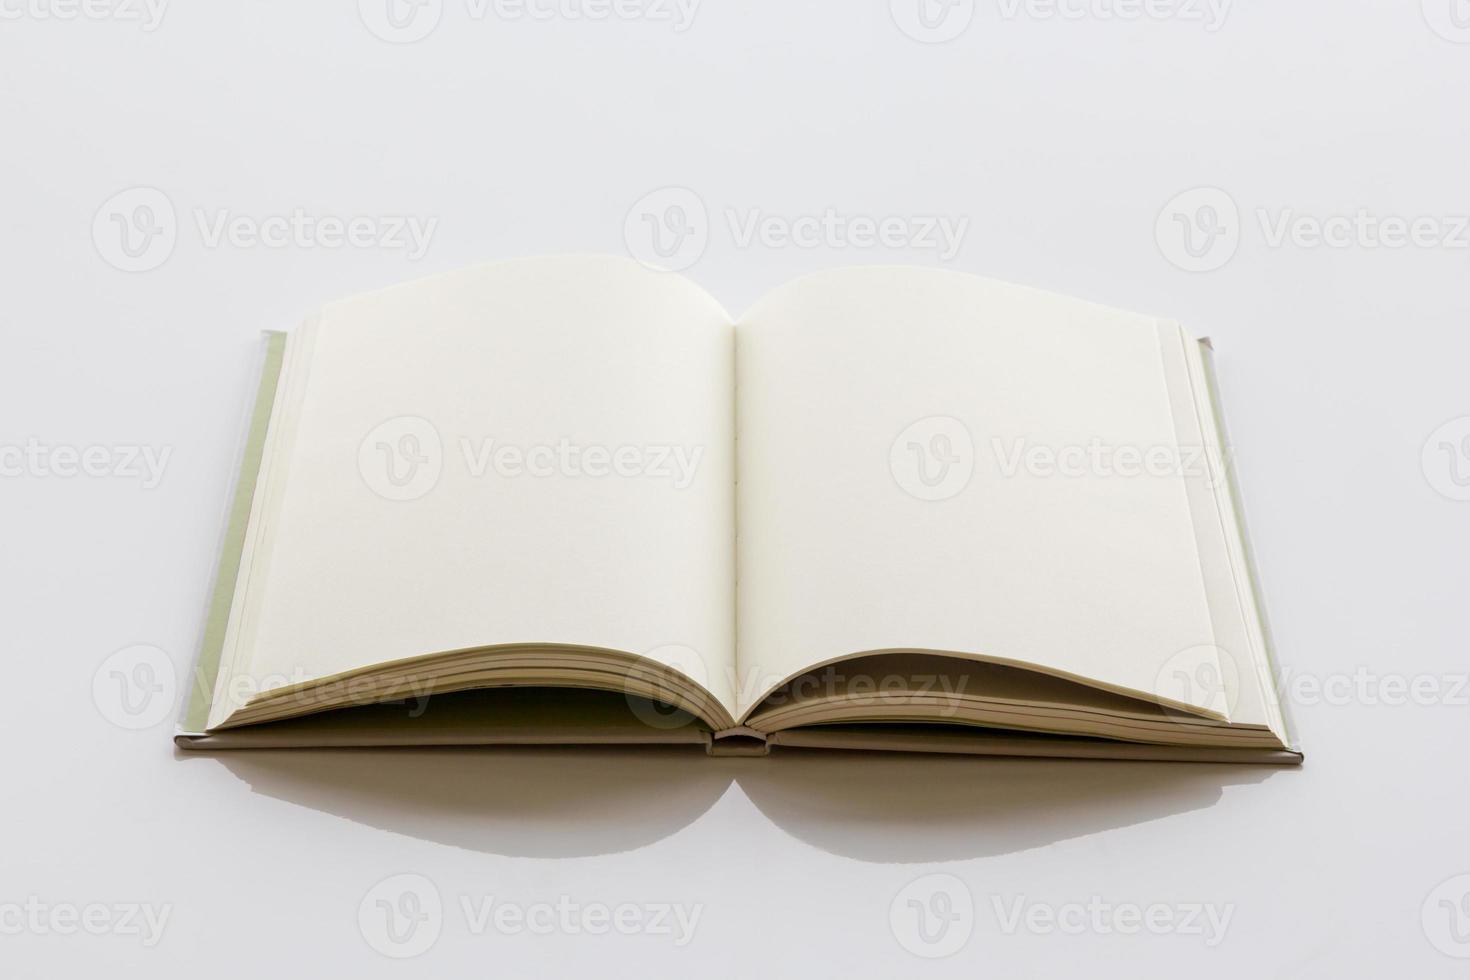 libro con una pagina vuota. foto